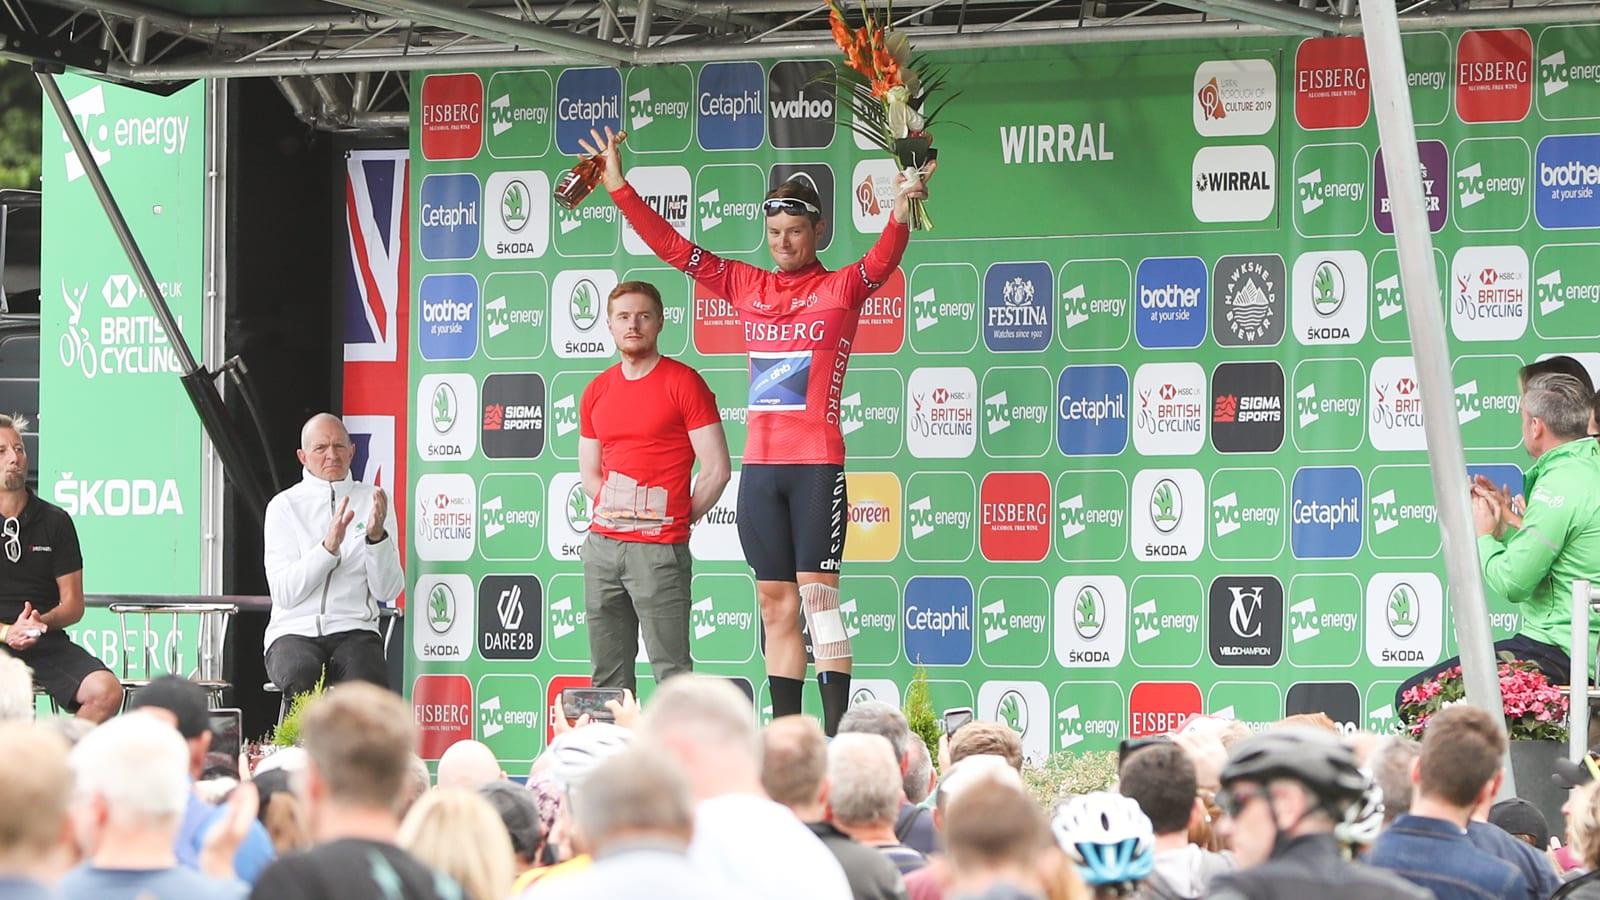 Tour of Britain testimonial